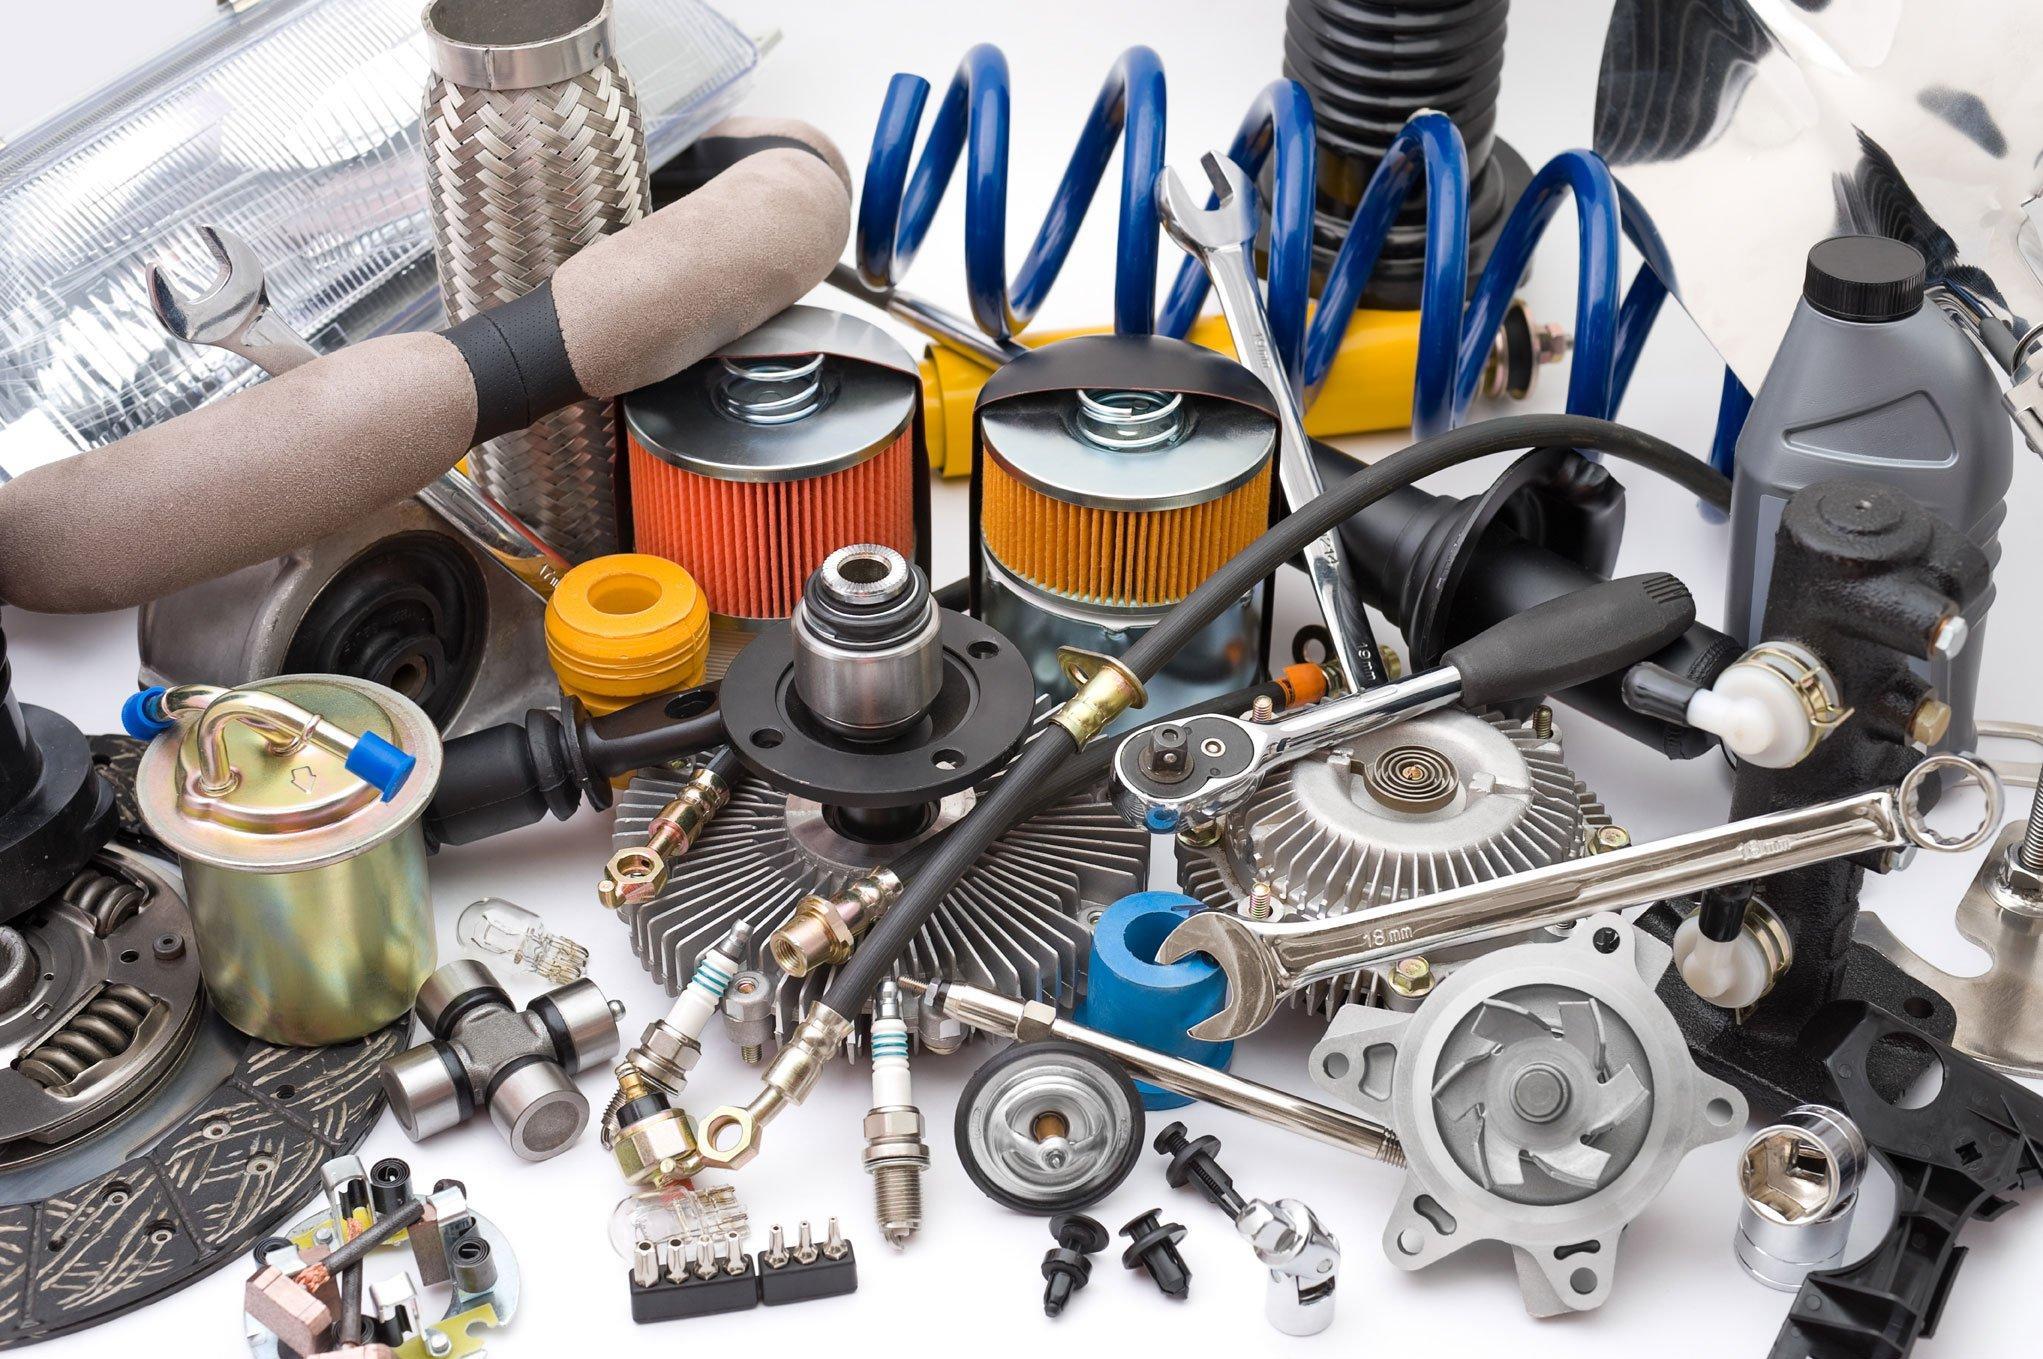 запасные части и расходные материалы для автомобилей и сельхозтехники